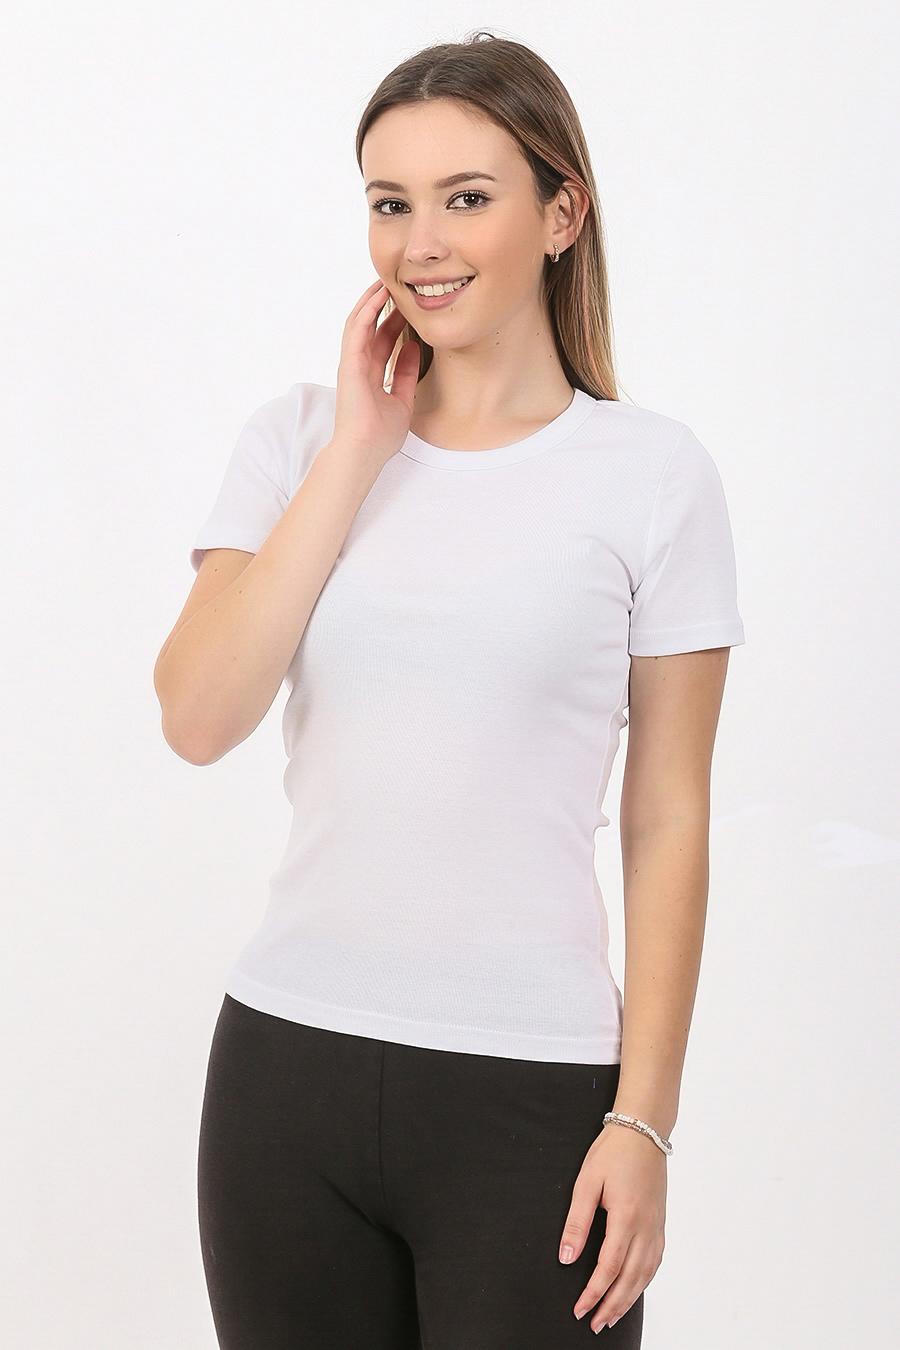 Zenska majica kratak rukav bela ART.705 (bela